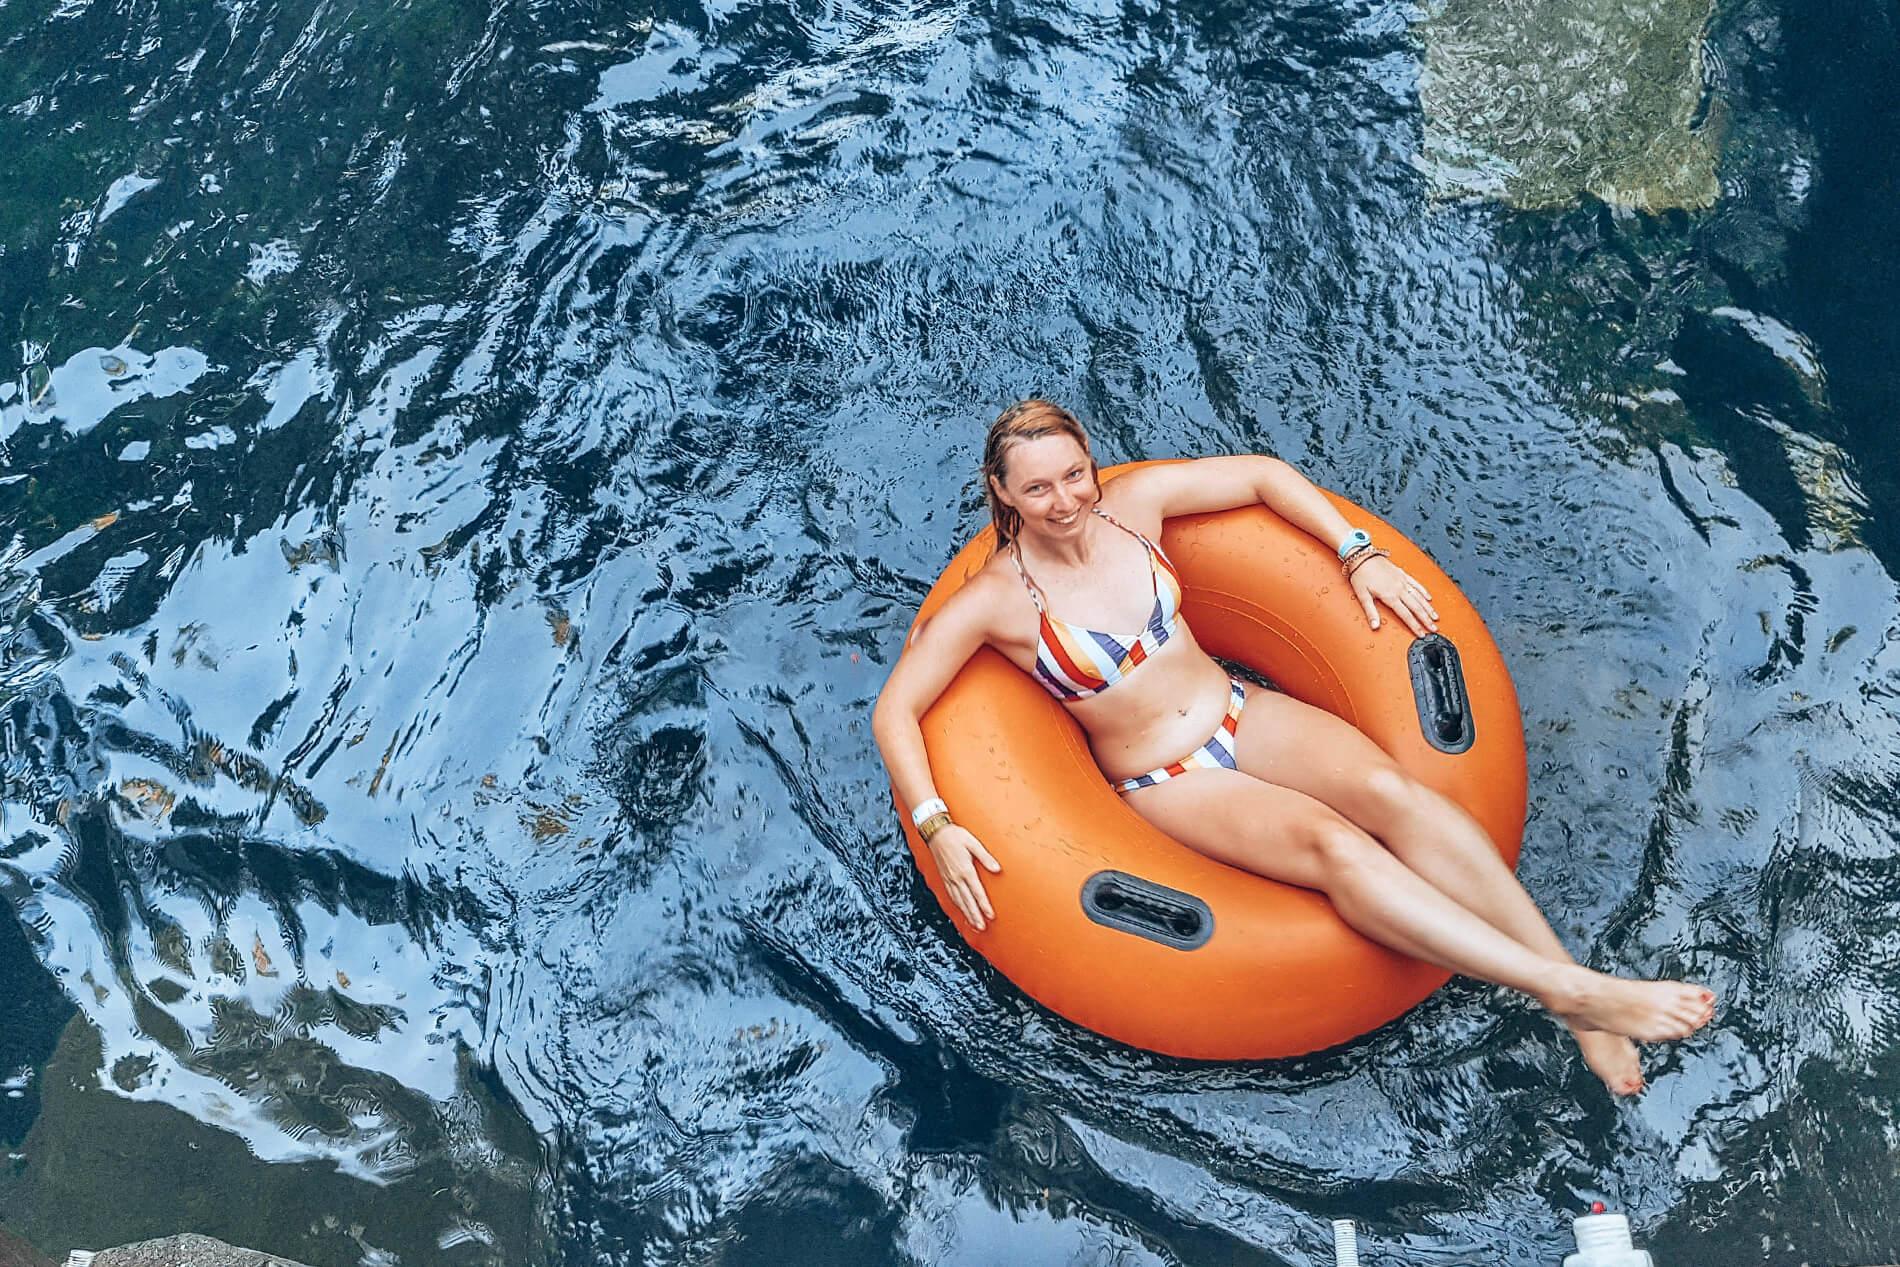 Waterbom-parc-aquatique-bali-indonesie-La revue de Kathleen-Blog-Lifestyle-voyage-Paris